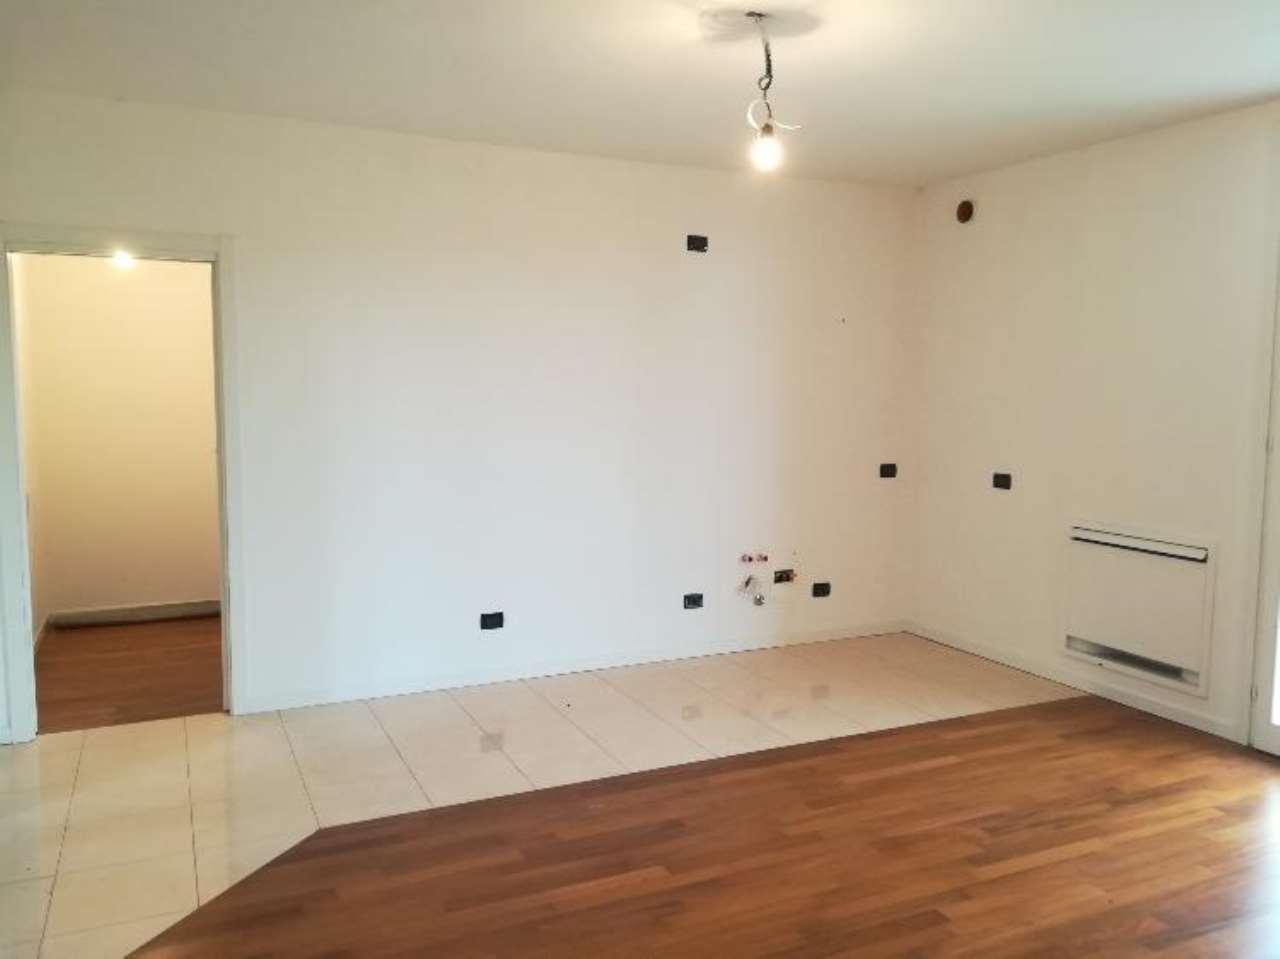 Appartamento in vendita a Sospiro, 3 locali, prezzo € 150.000 | CambioCasa.it